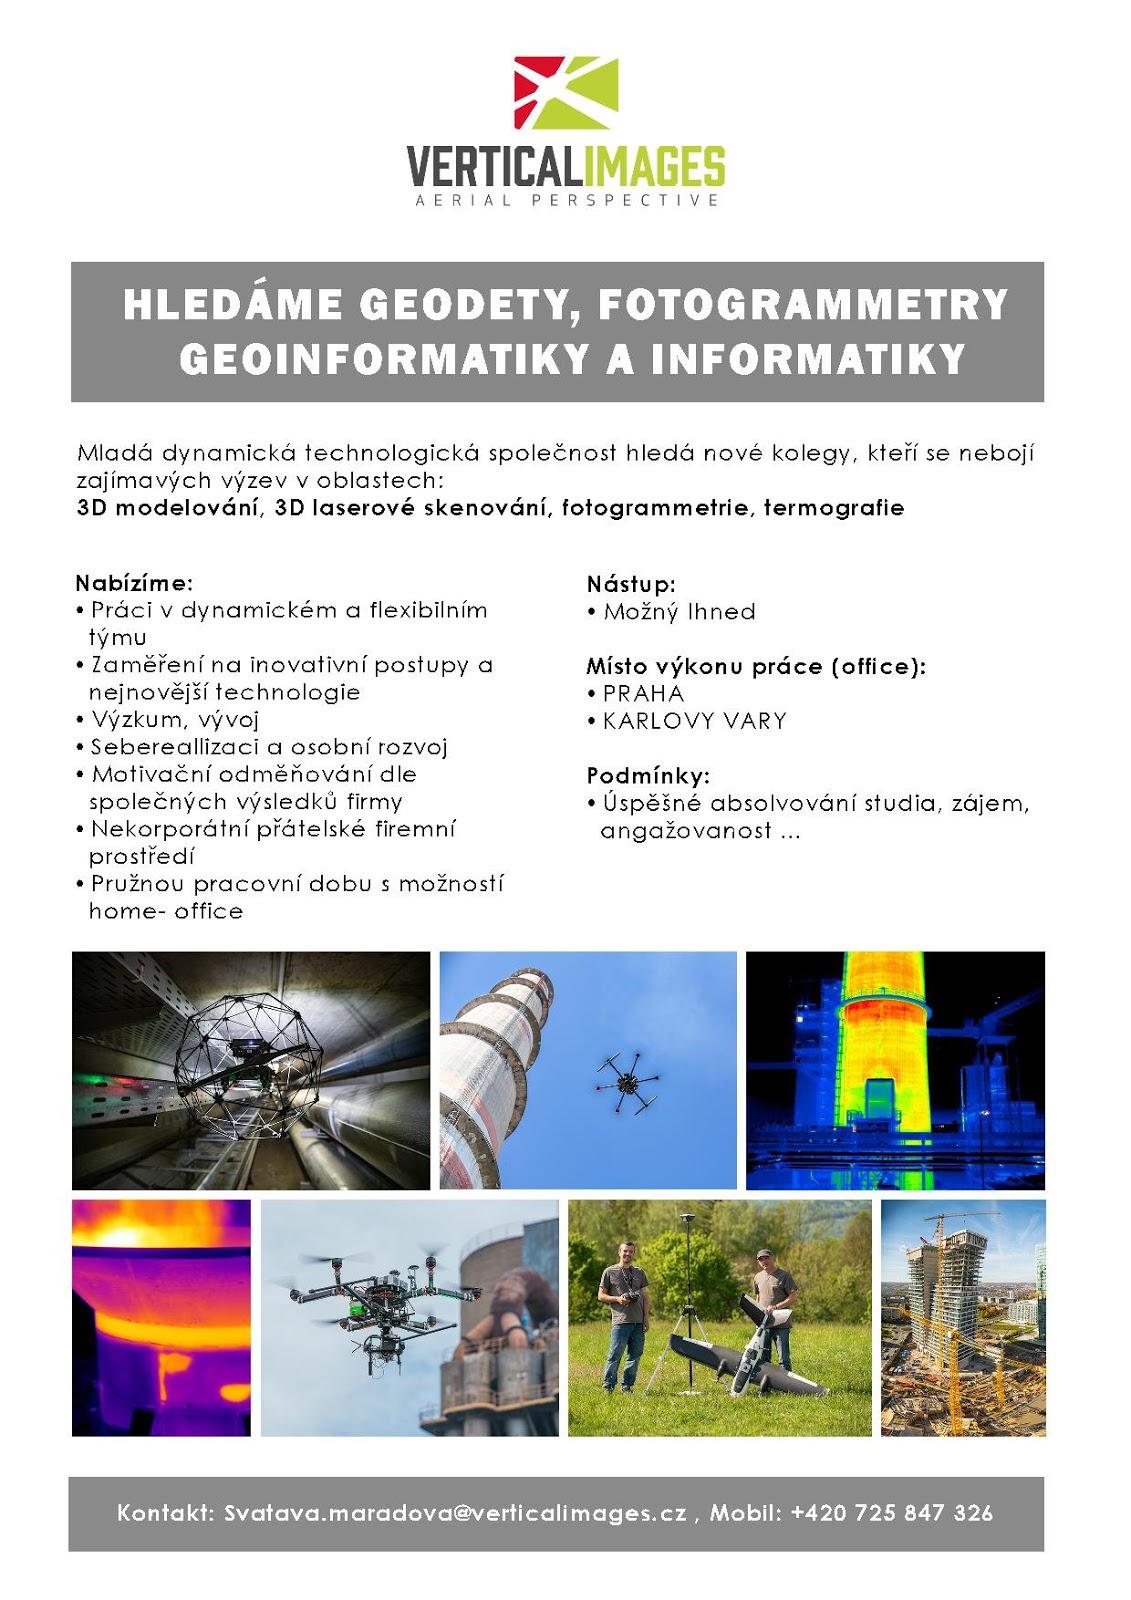 8fdd827b5 ... především pro práci v oblastech 3D modelování, 3D laserového skenování,  fotogrammetrie a termografie. Více informací naleznete na přiloženém  obrázku .